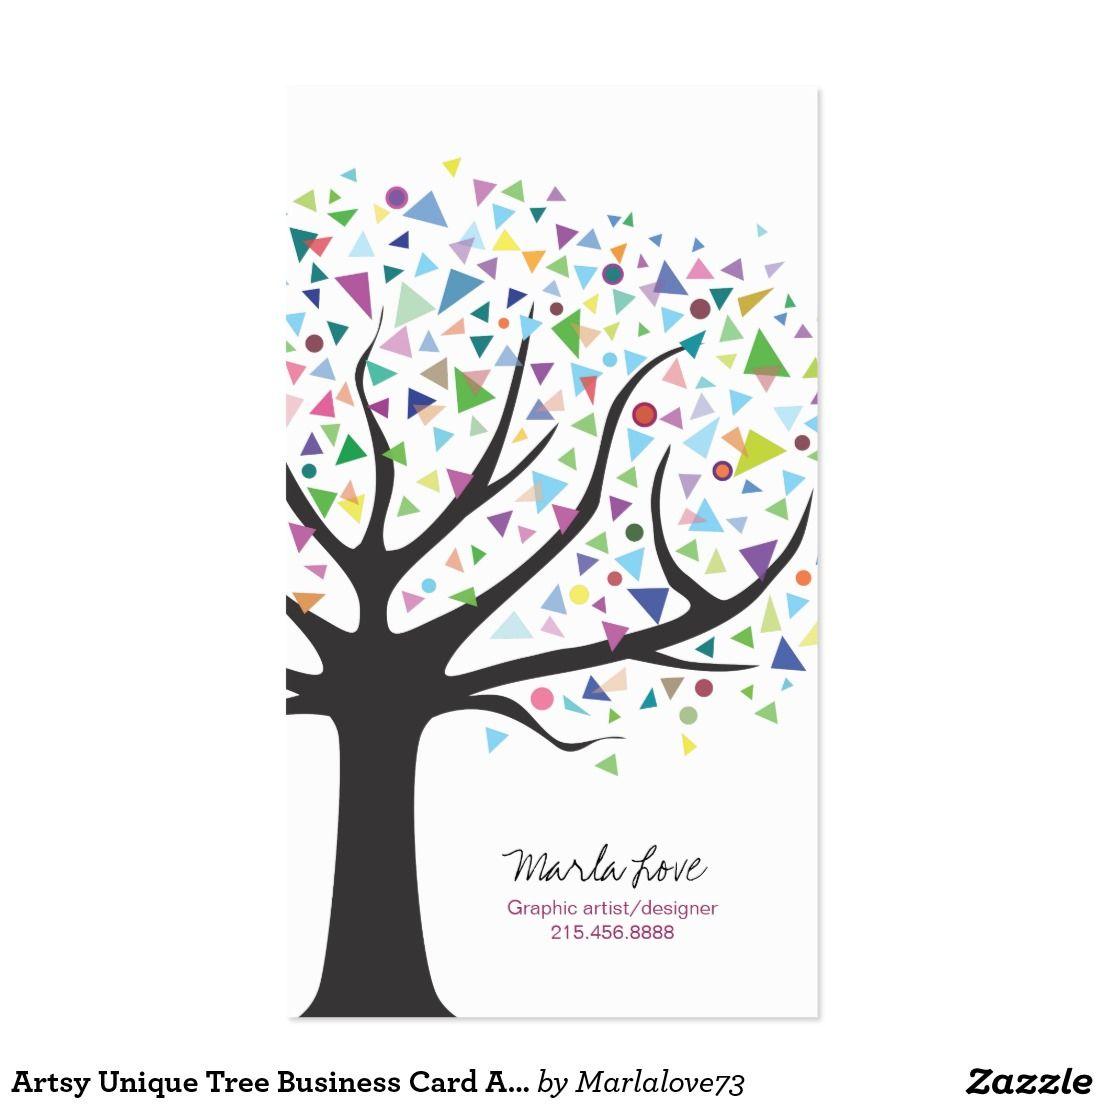 Artsy unique tree business card art designer artsy artsy unique tree business card art designer magicingreecefo Gallery